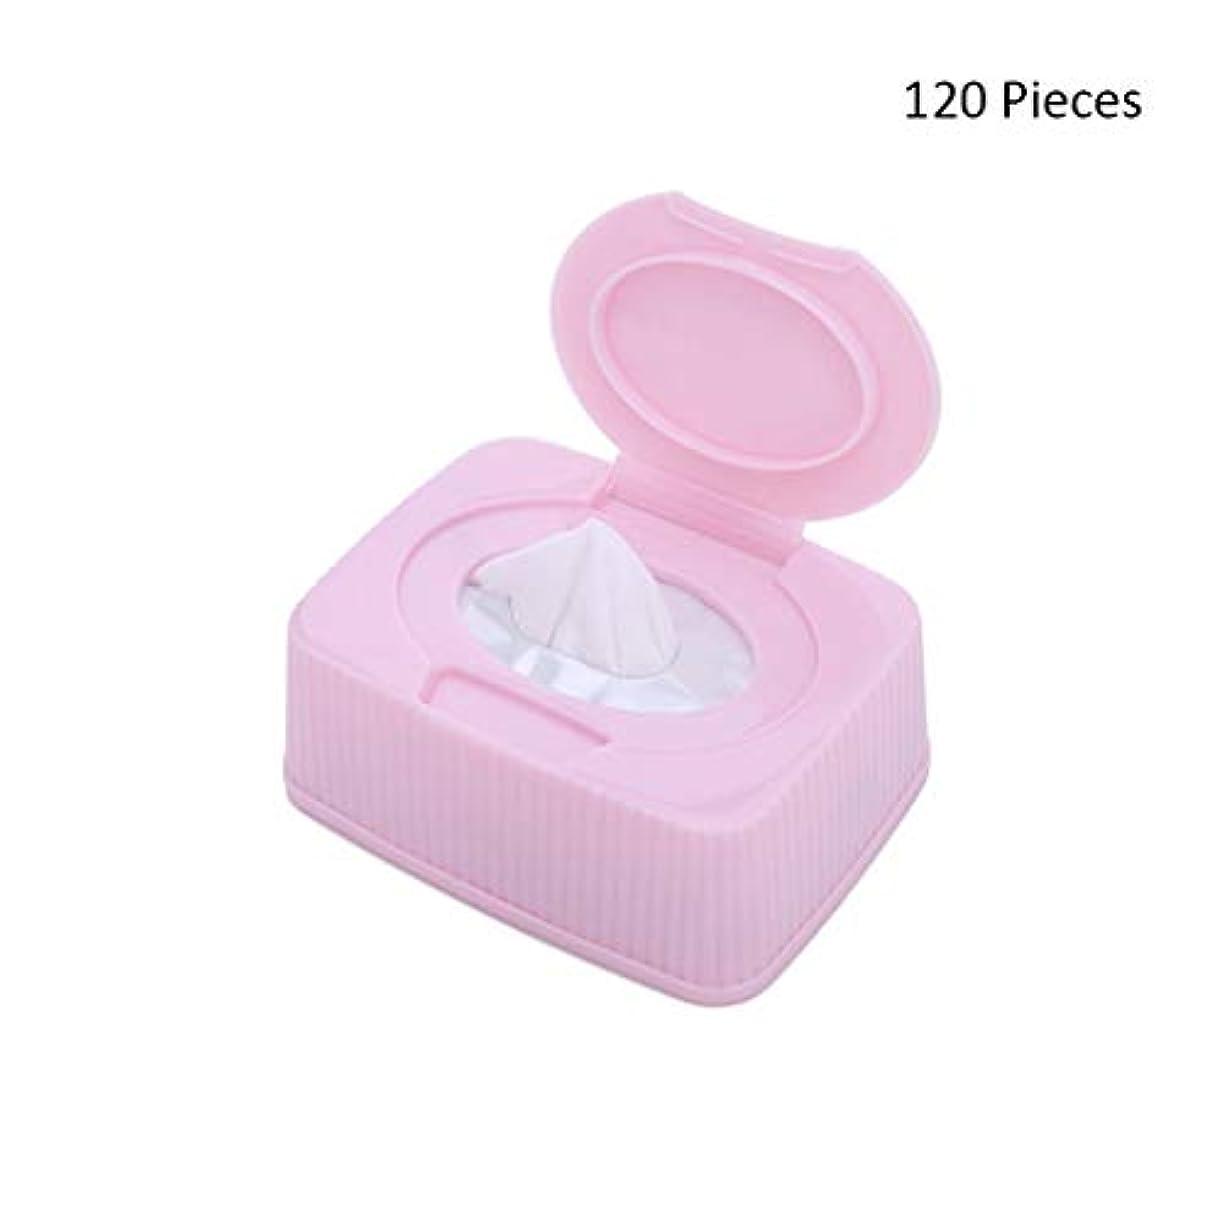 流用する一時停止ジャーナル120ピース/ボックスフェイスメイク落としフェイシャル化粧品リムーバーパッドメイクアップコットンクリーナースキンケアワイプフェイスウォッシュコットンパッド (Color : Pink, サイズ : 120 pieces)